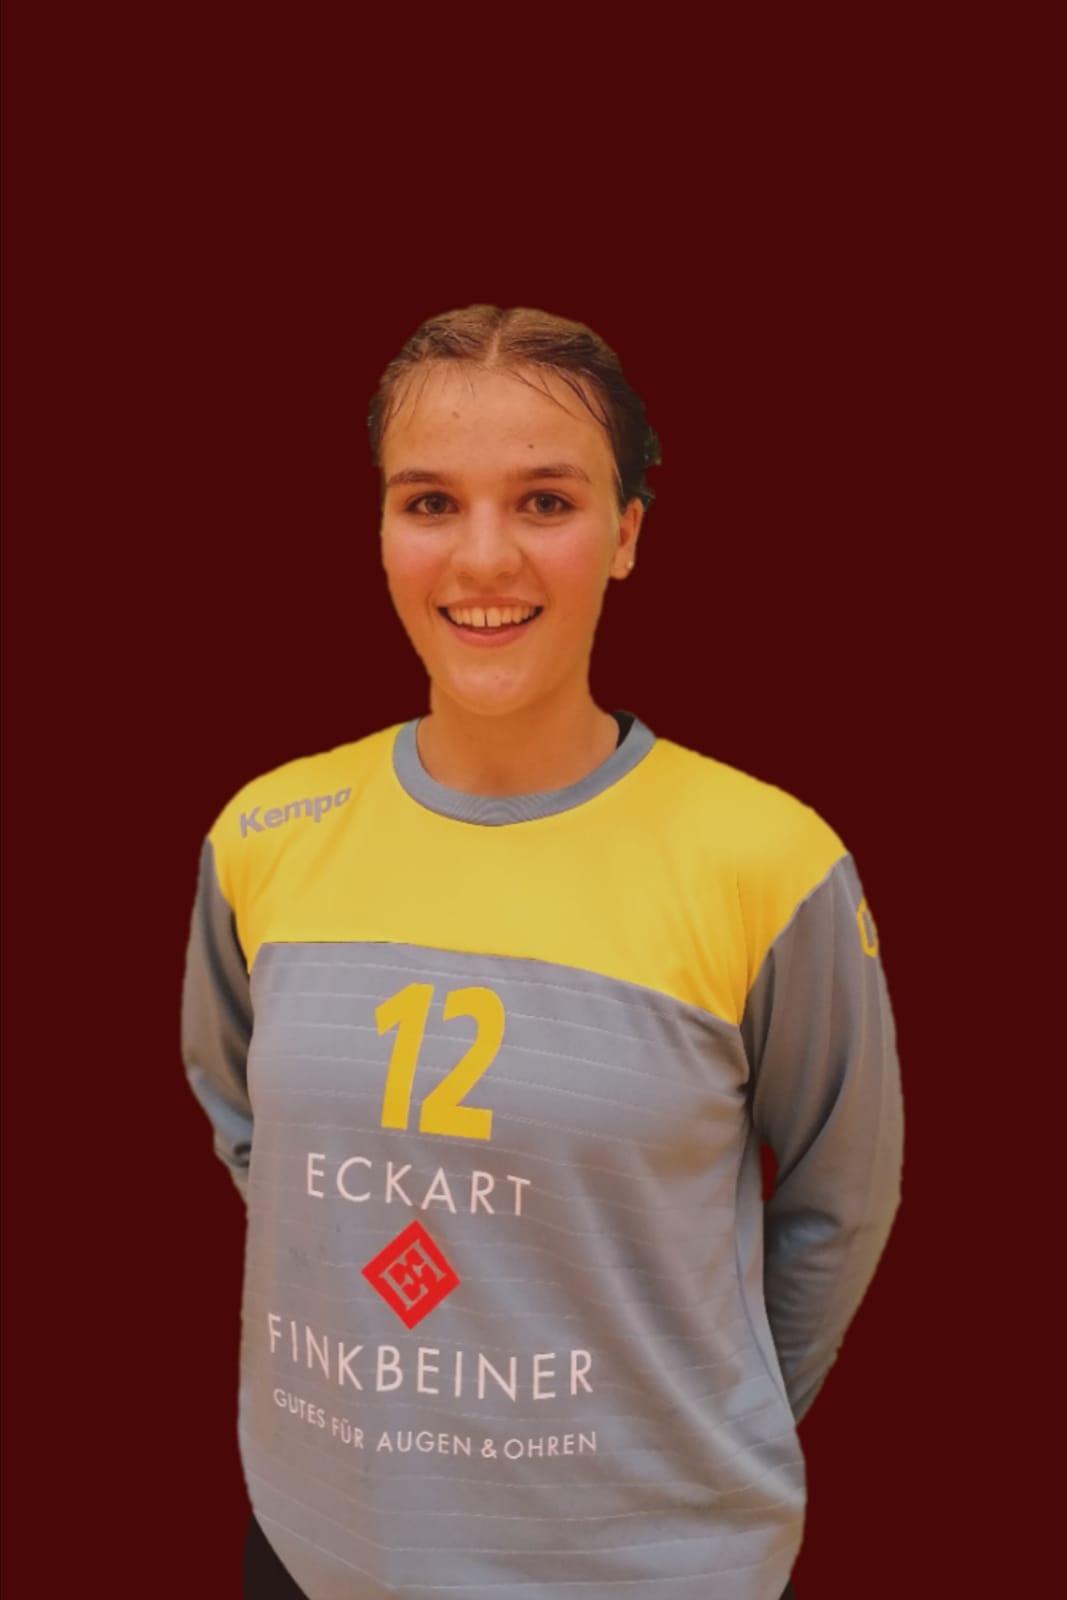 Lotte Märkle läuft  2020/2021 mit Zweifachspielrecht für die BWOL A-Jugend der TG 88 Pforzheim auf !